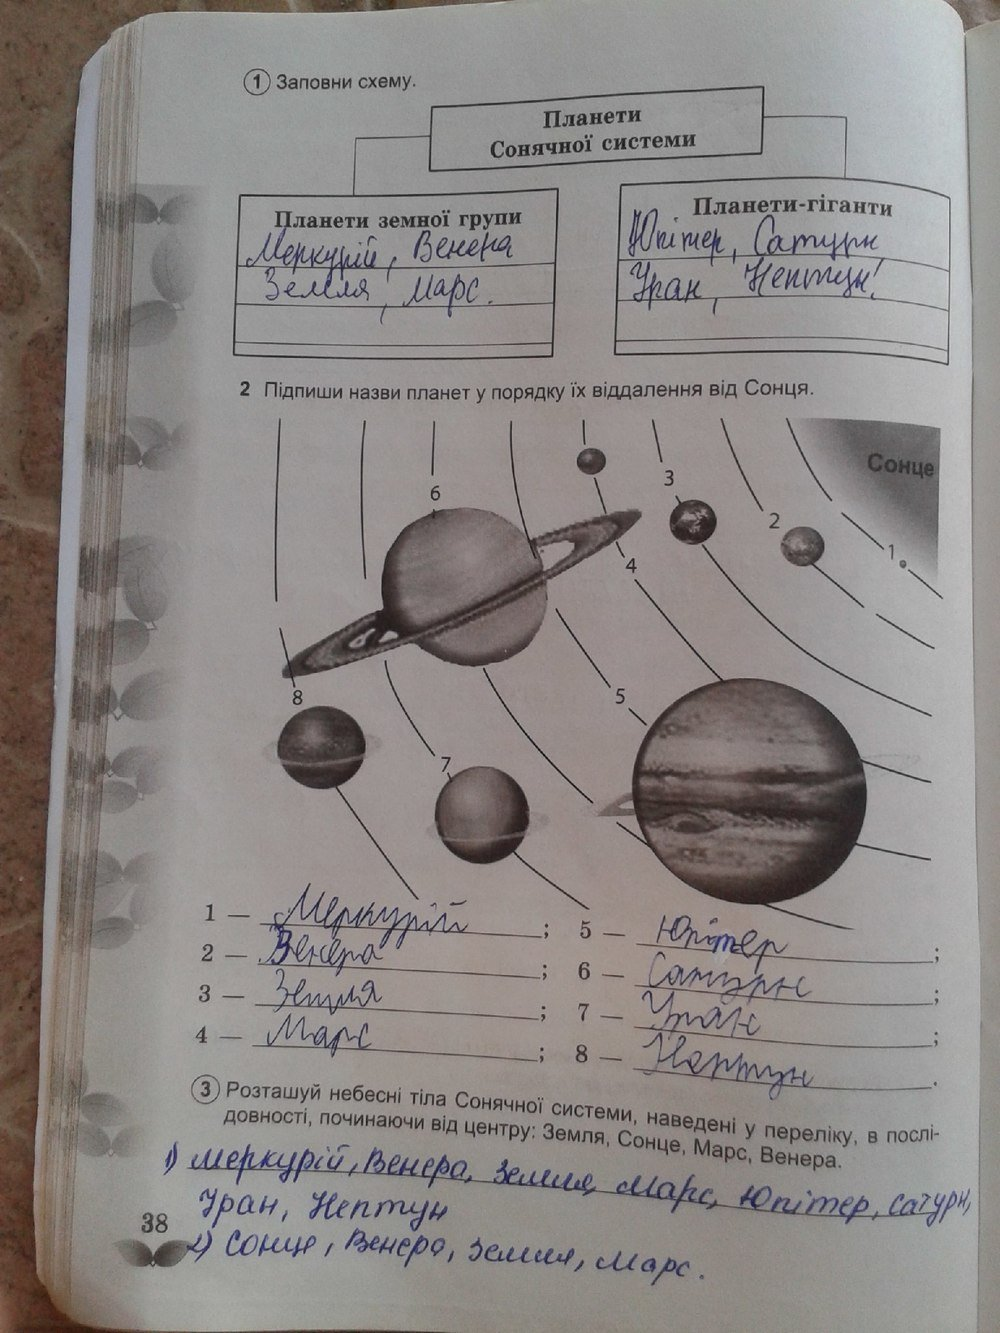 ГДЗ відповіді робочий зошит по биологии 5 класс Коршевнюк Т.В., Ярошенко О.Г.. Задание: стр. 38